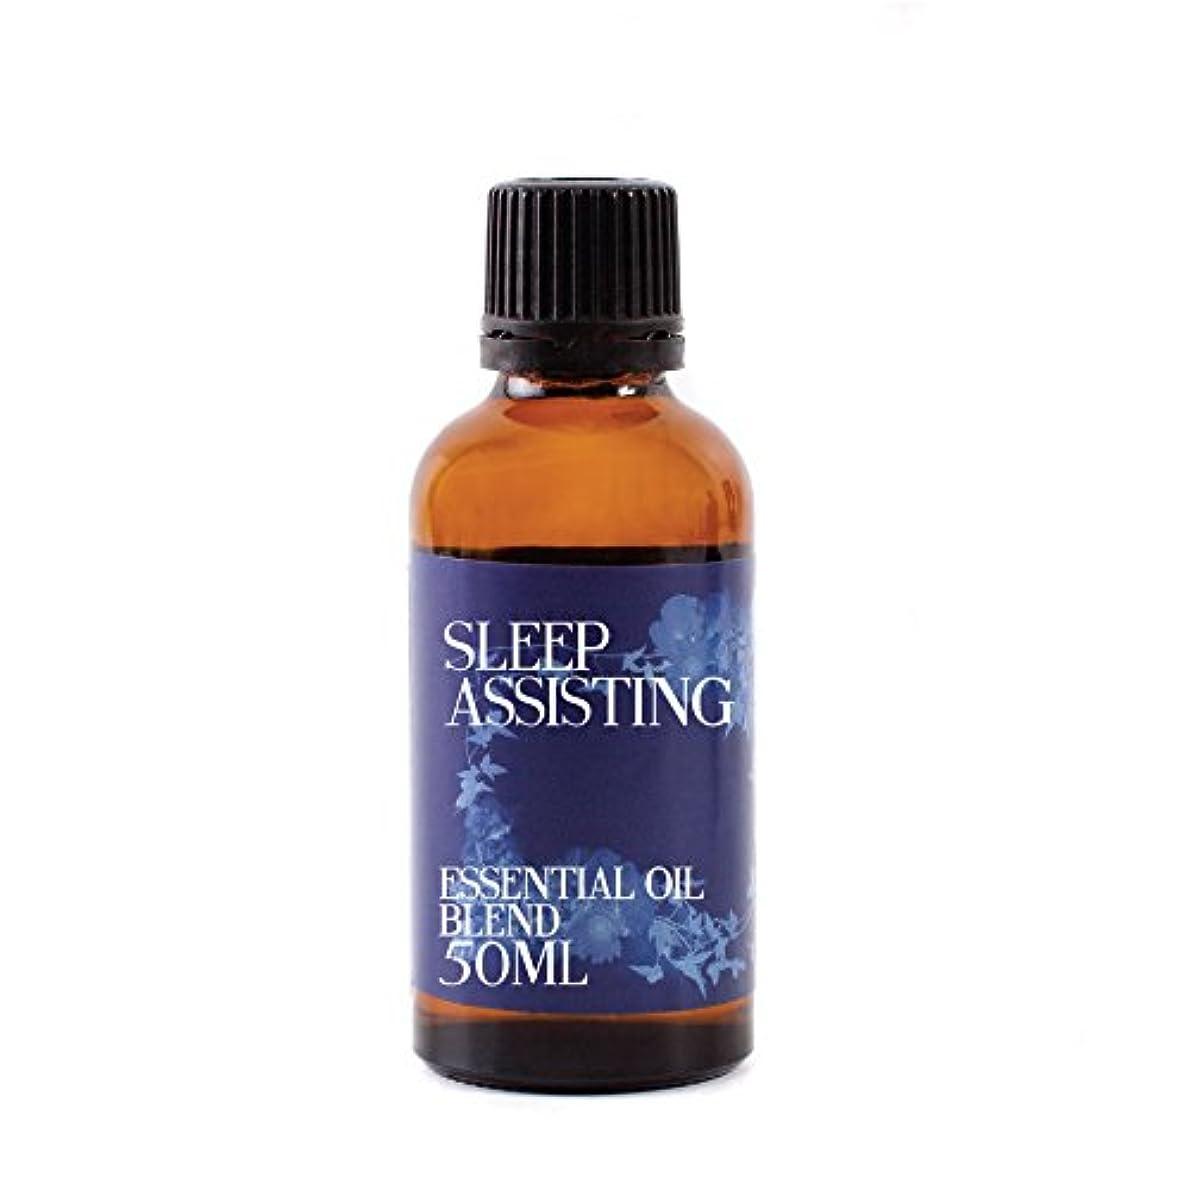 裏切り者タイト調査Mystix London | Sleep Assisting Essential Oil Blend - 50ml - 100% Pure